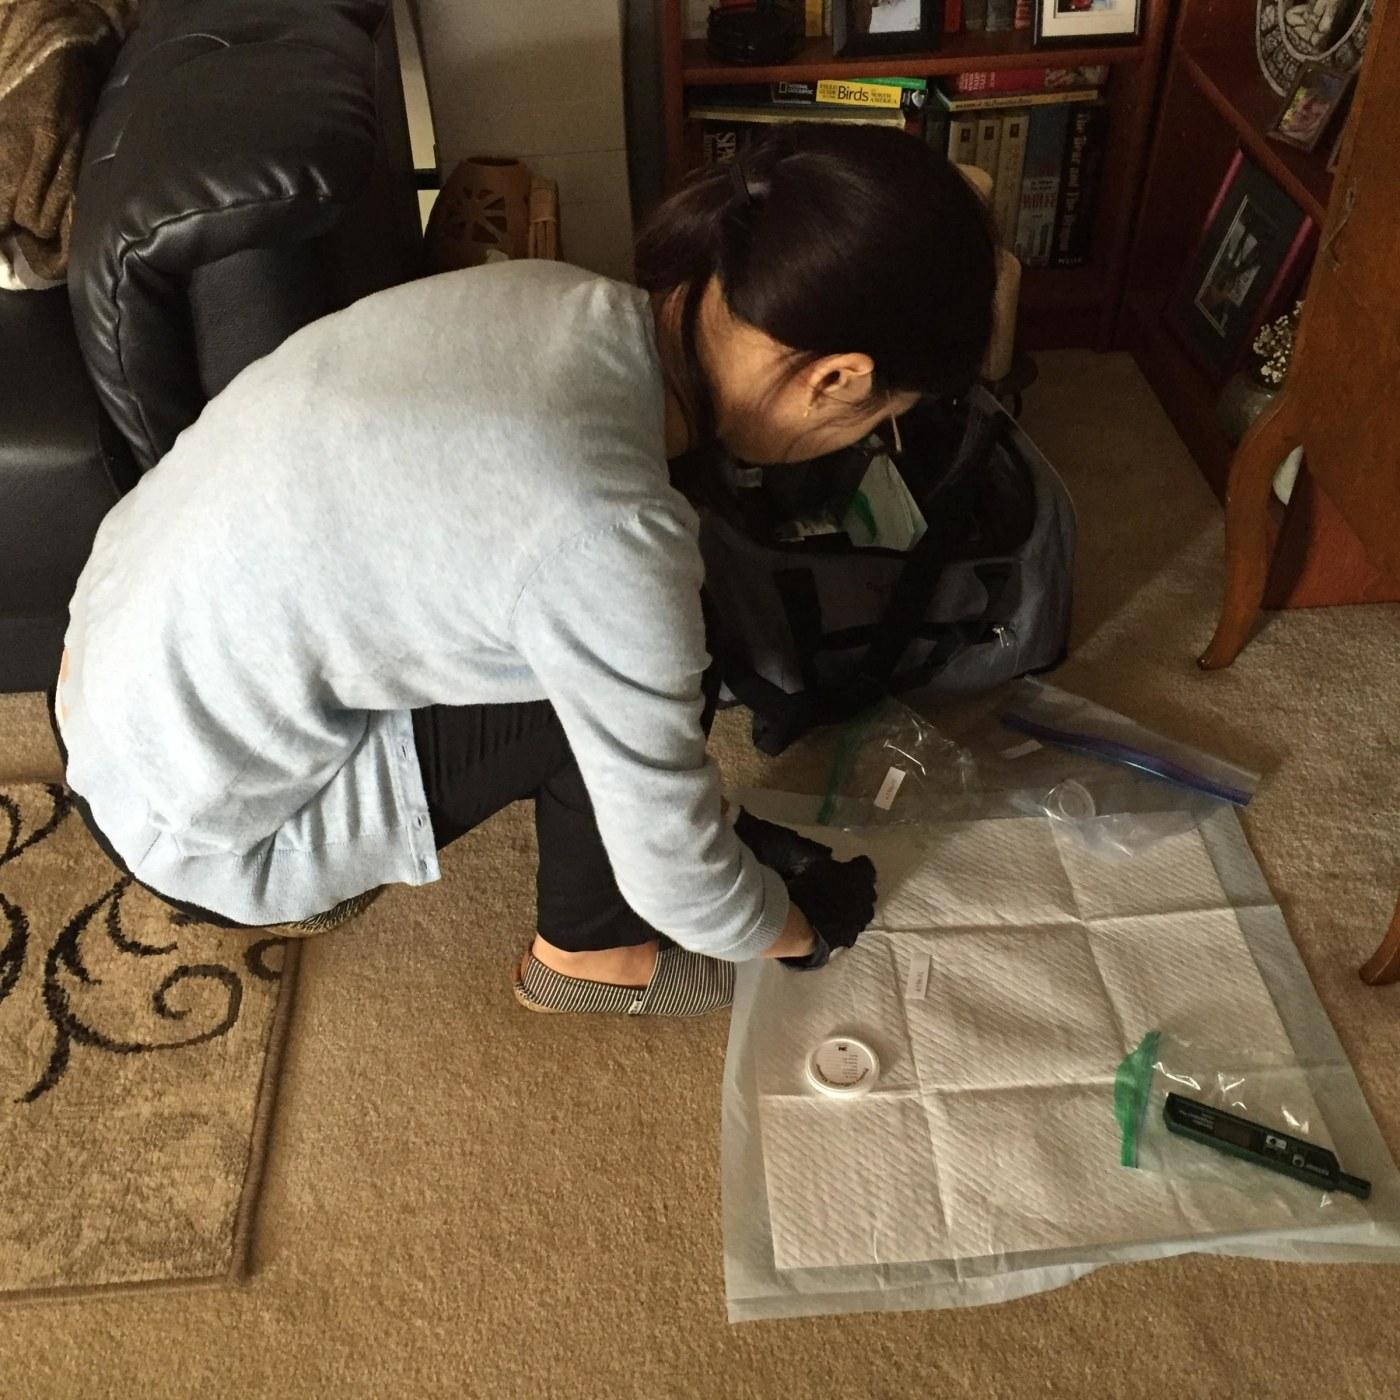 Setting up air sampler